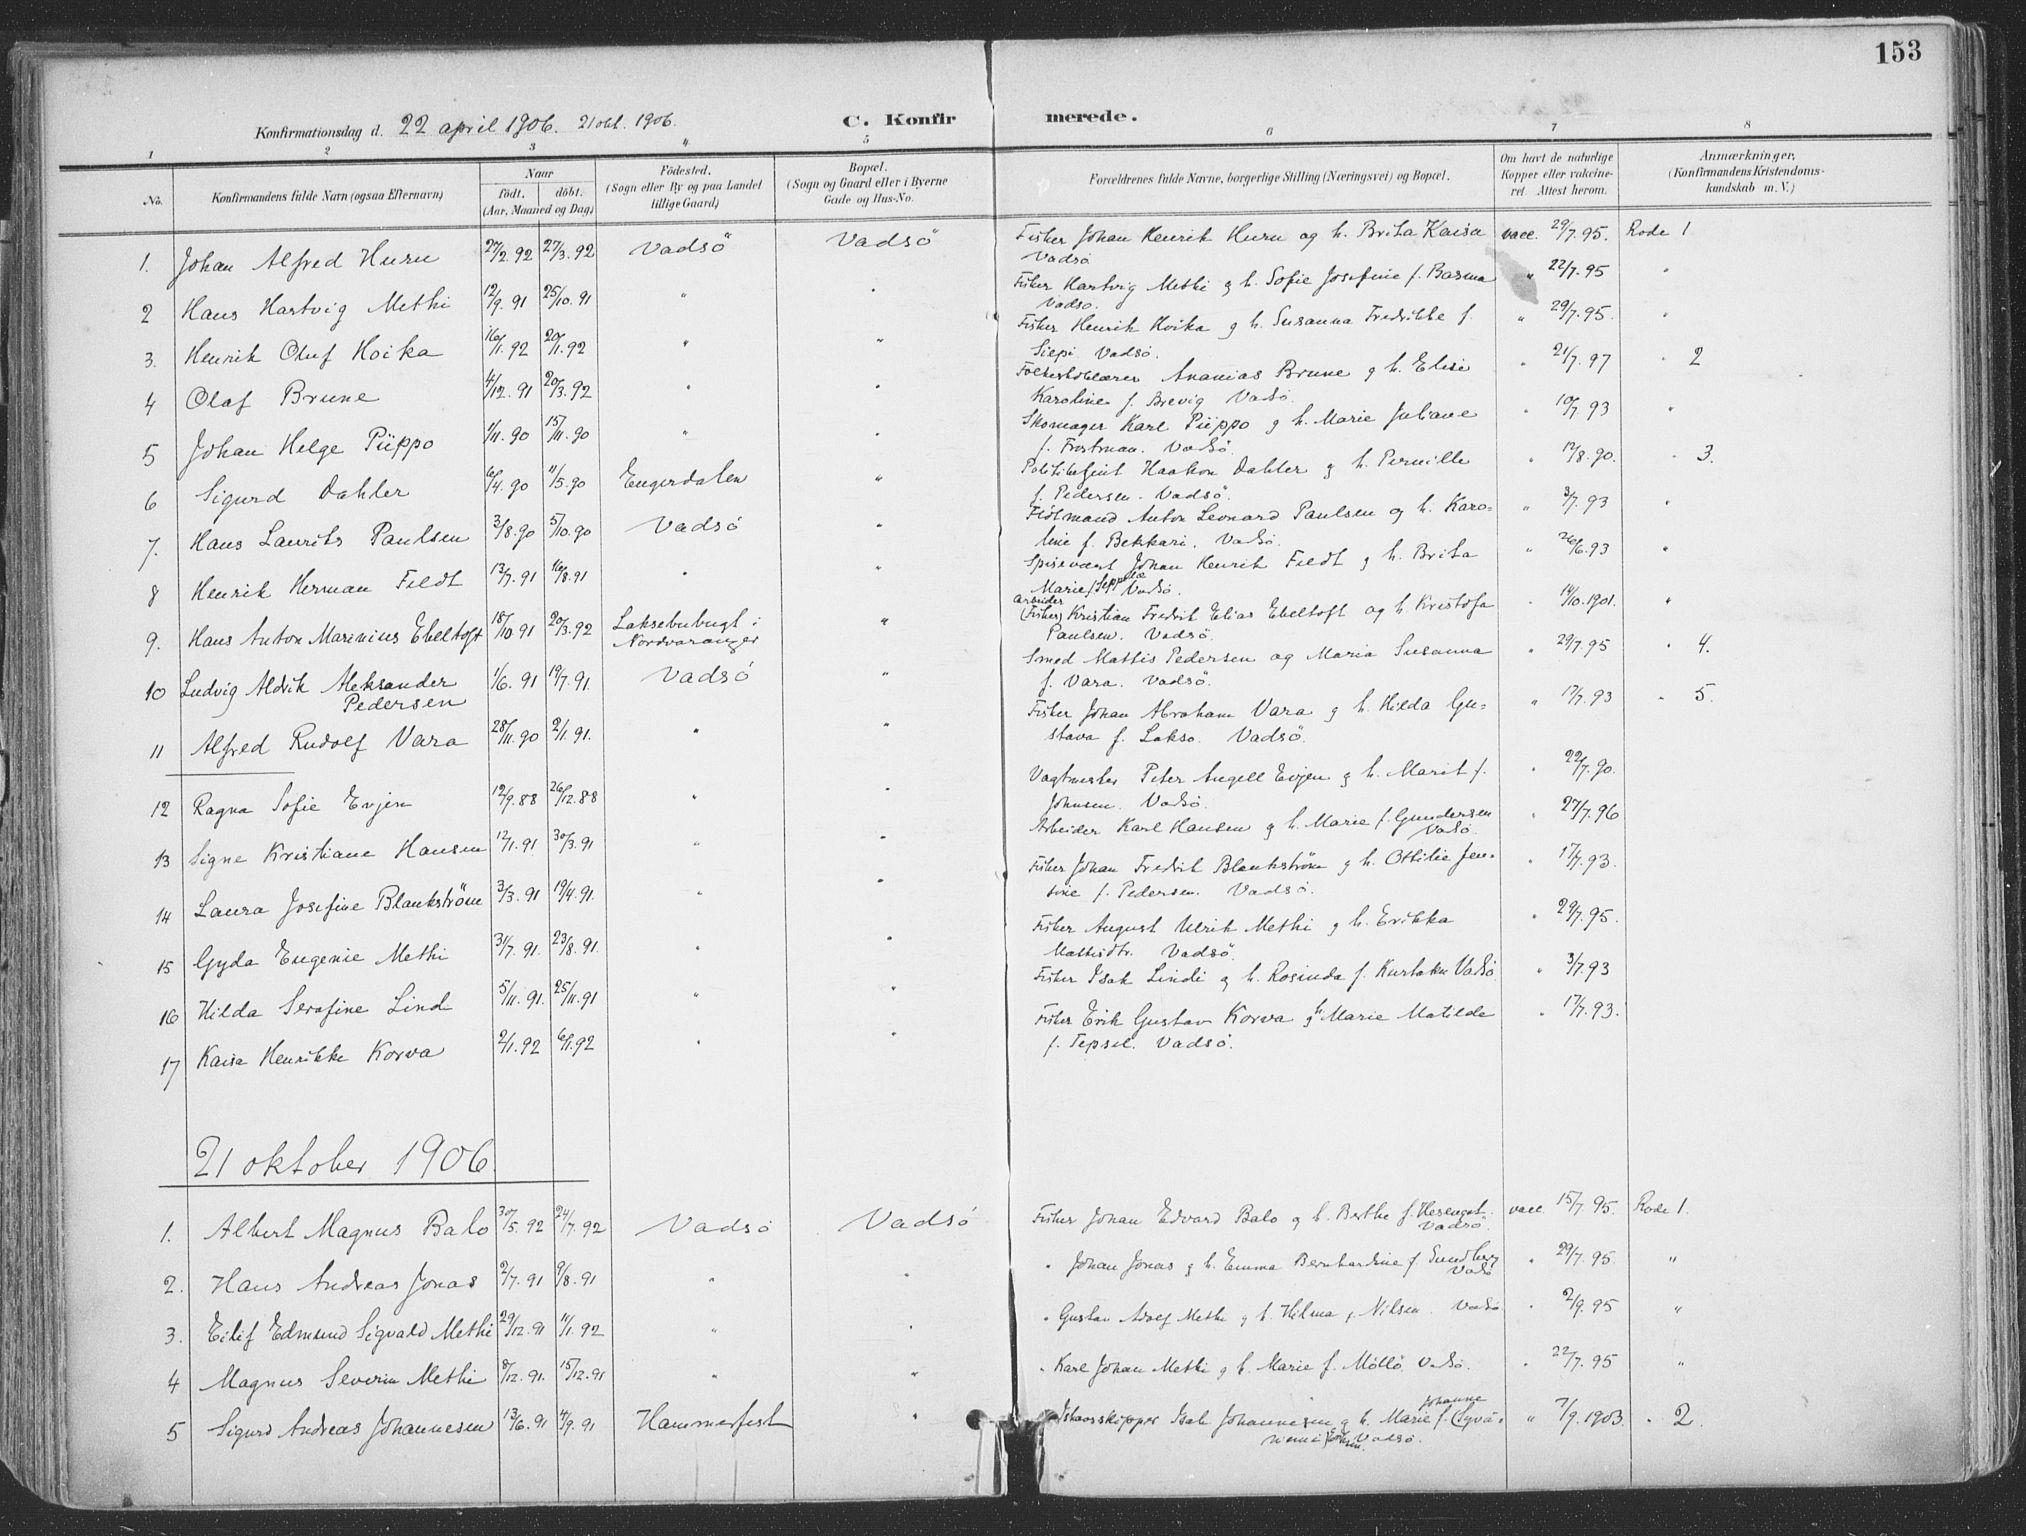 SATØ, Vadsø sokneprestkontor, H/Ha/L0007kirke: Ministerialbok nr. 7, 1896-1916, s. 153